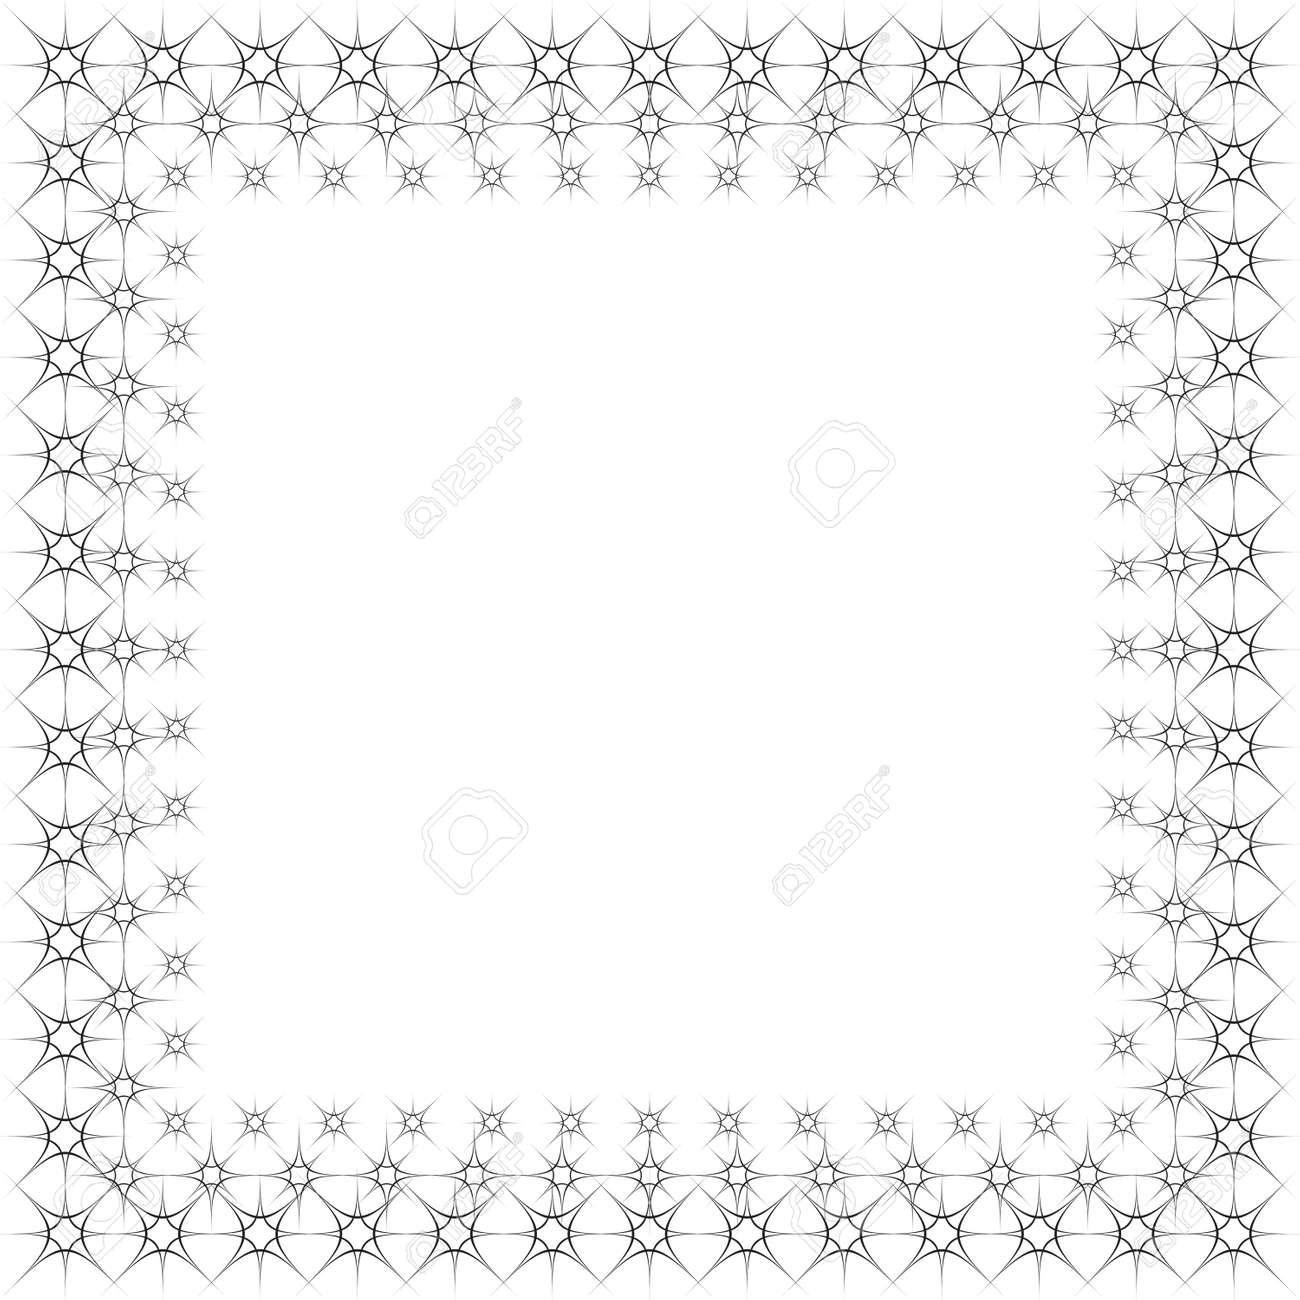 frame arabesque star based background Stock Vector - 16969428